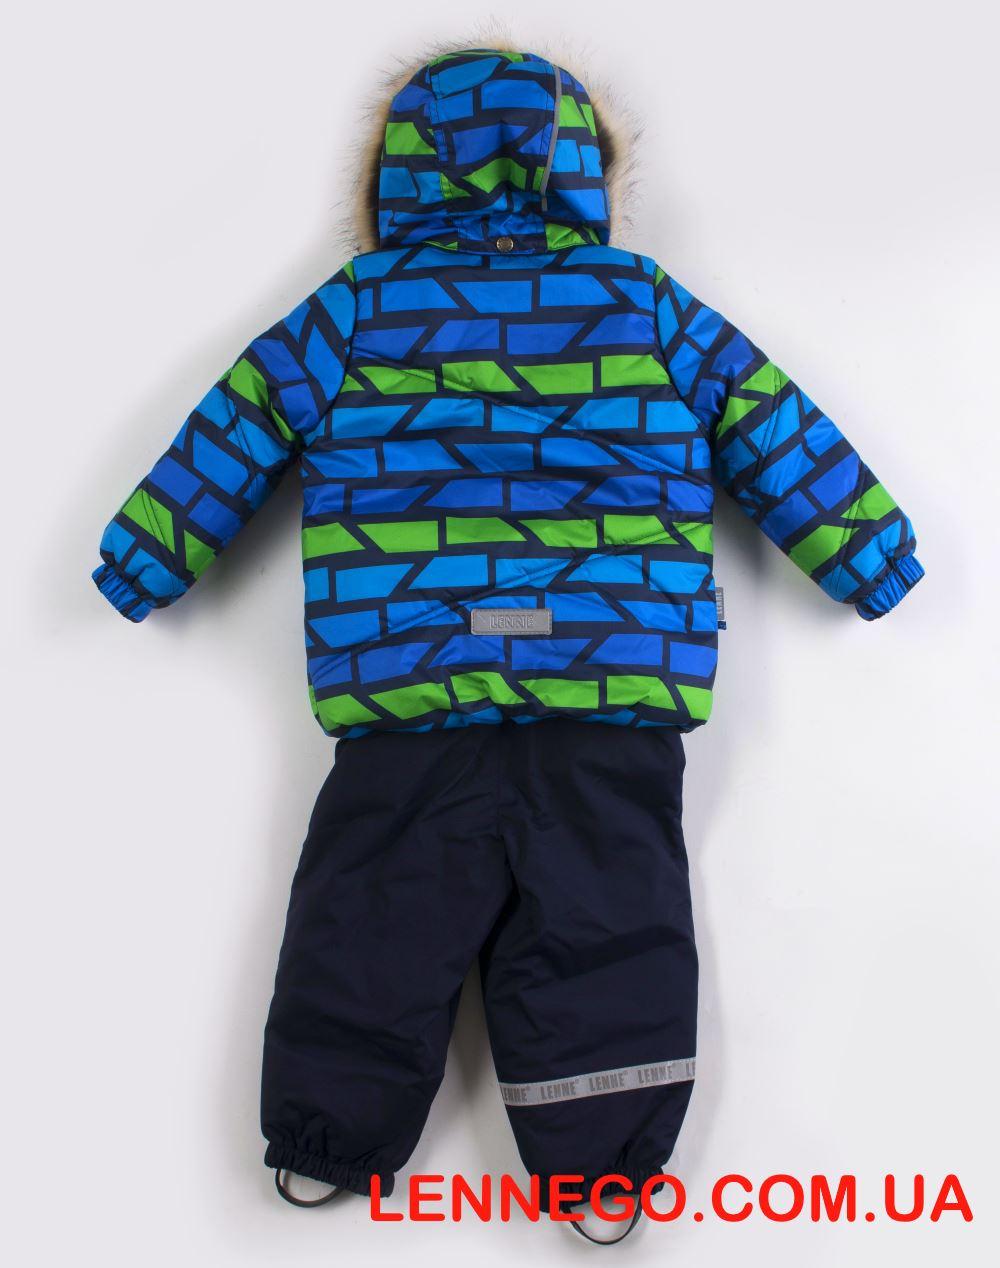 Lenne Franky комплект для мальчика синиий